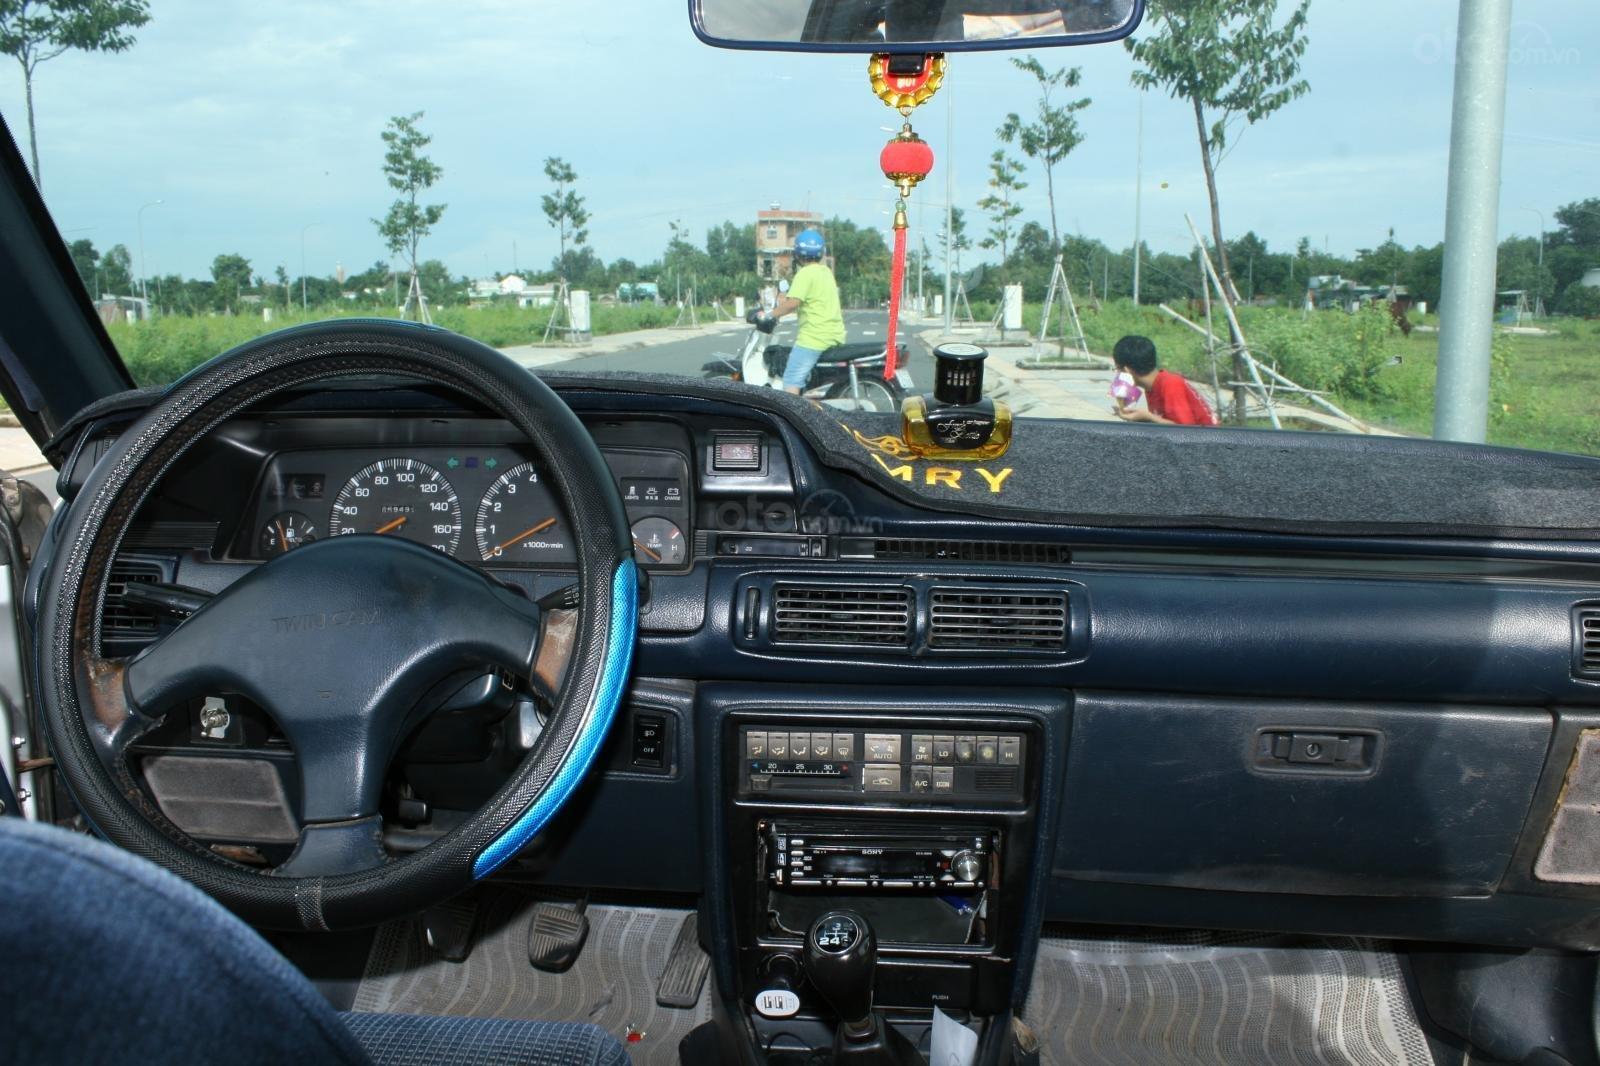 Bán ô tô Toyota Camry đời 1987, màu bạc, nhập khẩu nguyên chiếc chính chủ, giá 90tr (4)